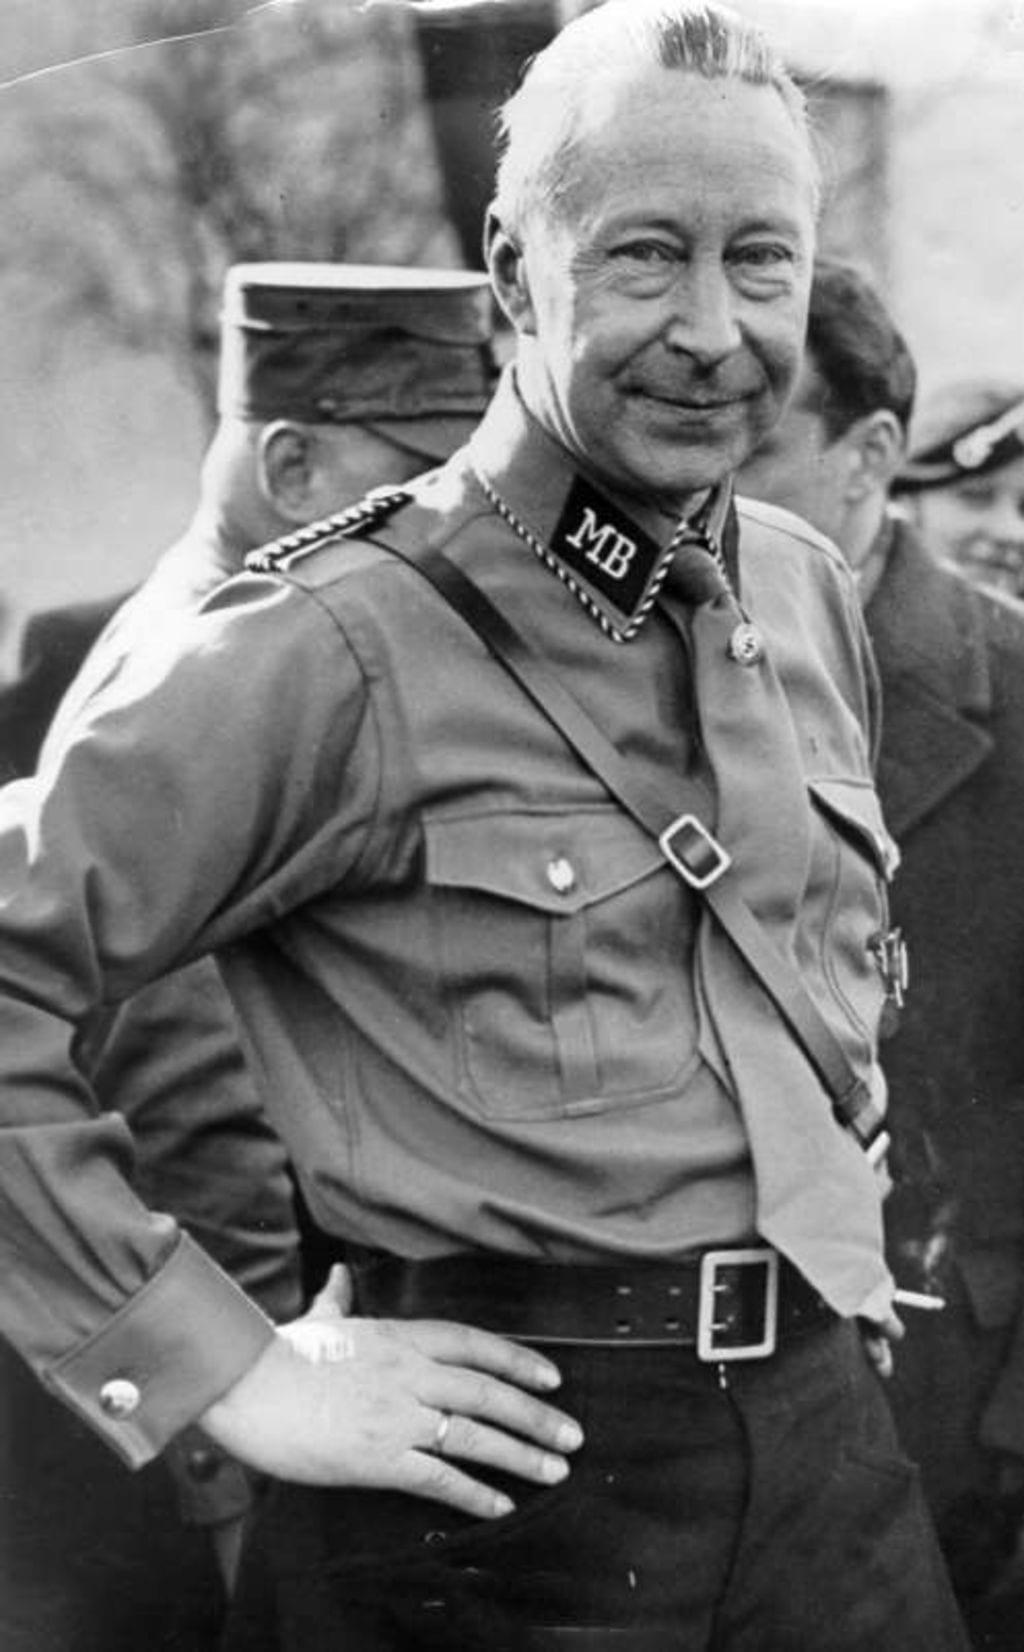 Príncipe Wilhelm, o filho mais velho do príncipe herdeiro Wilhelm, nasceu com todas as expectativas de se tornar Kaiser alemão um dia